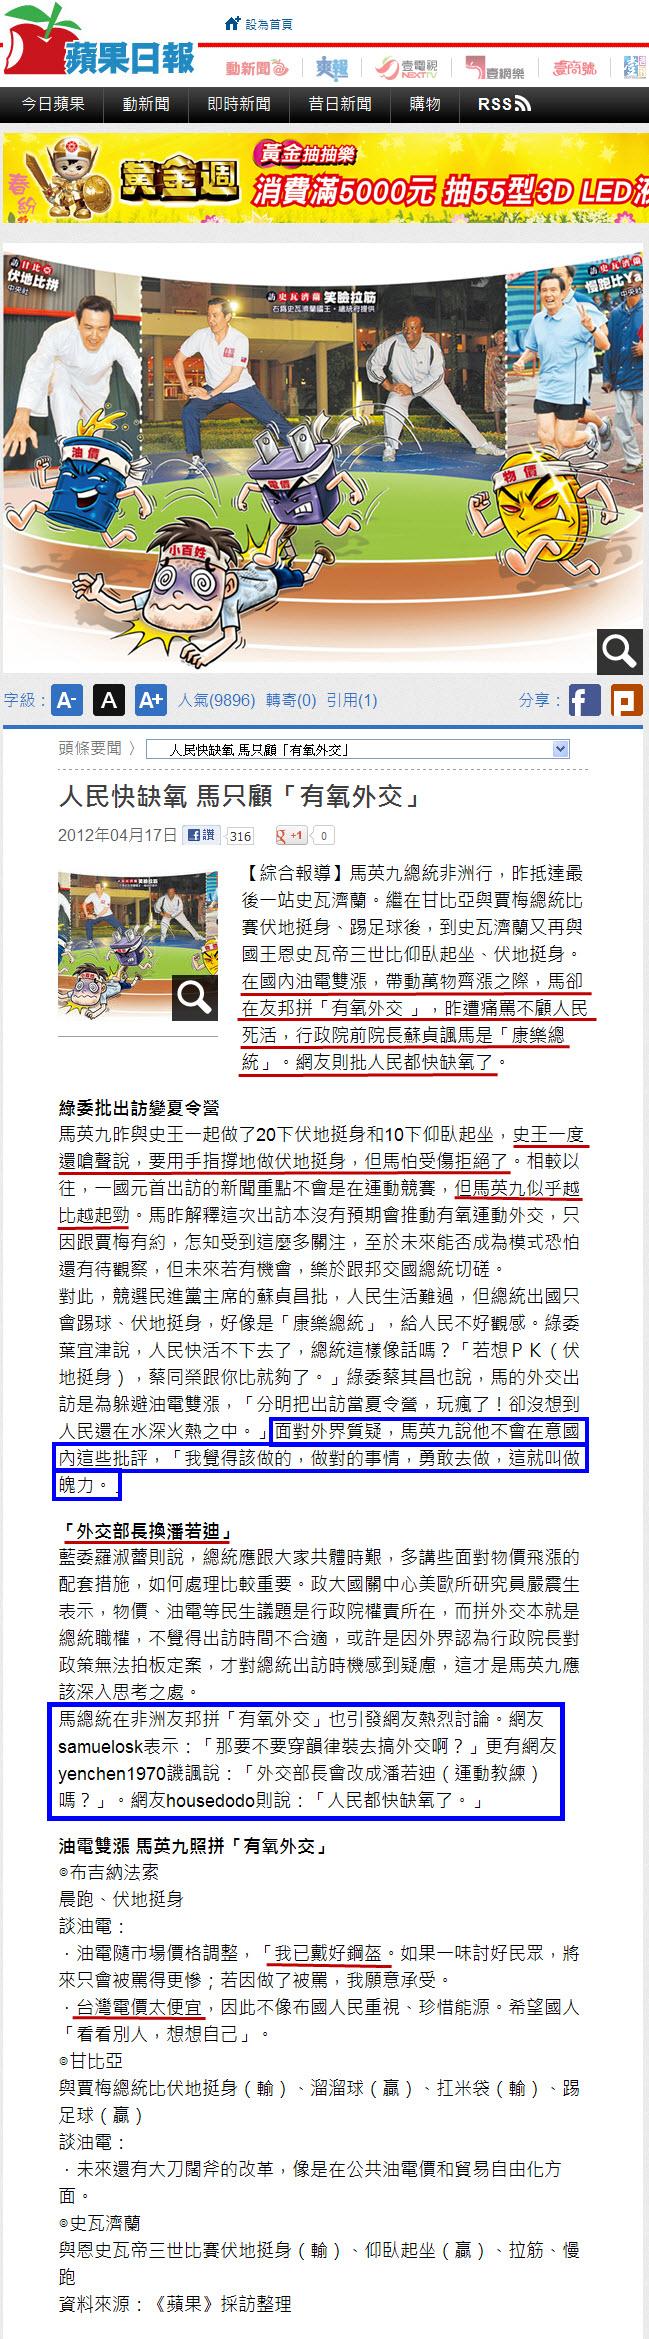 人民快缺氧 馬只顧「有氧外交」-2012.04.17